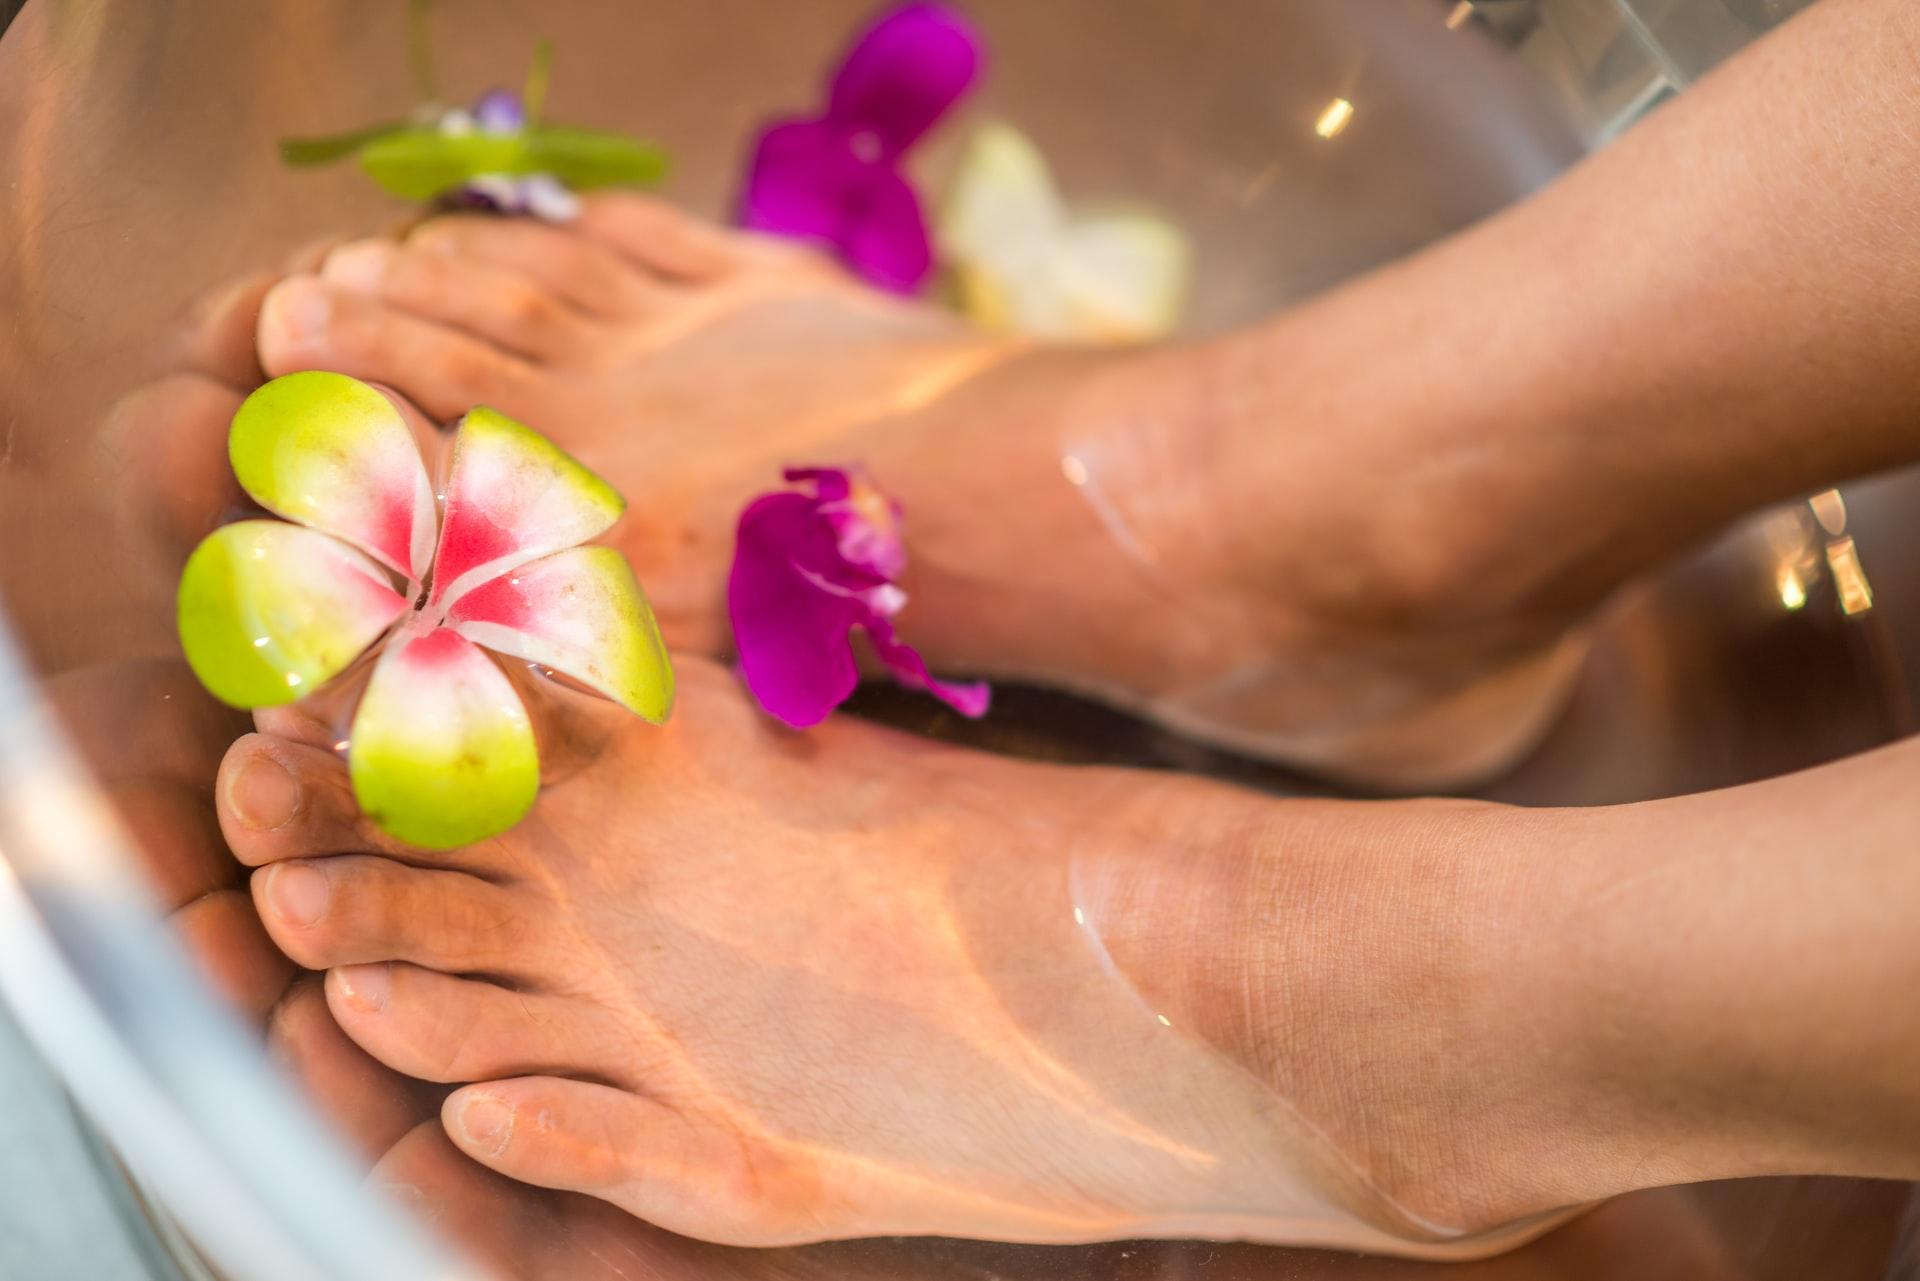 Selain Relaksasi Tubuh, 3 Manfaat Foot Massage Ini Bisa Kamu Peroleh Loh